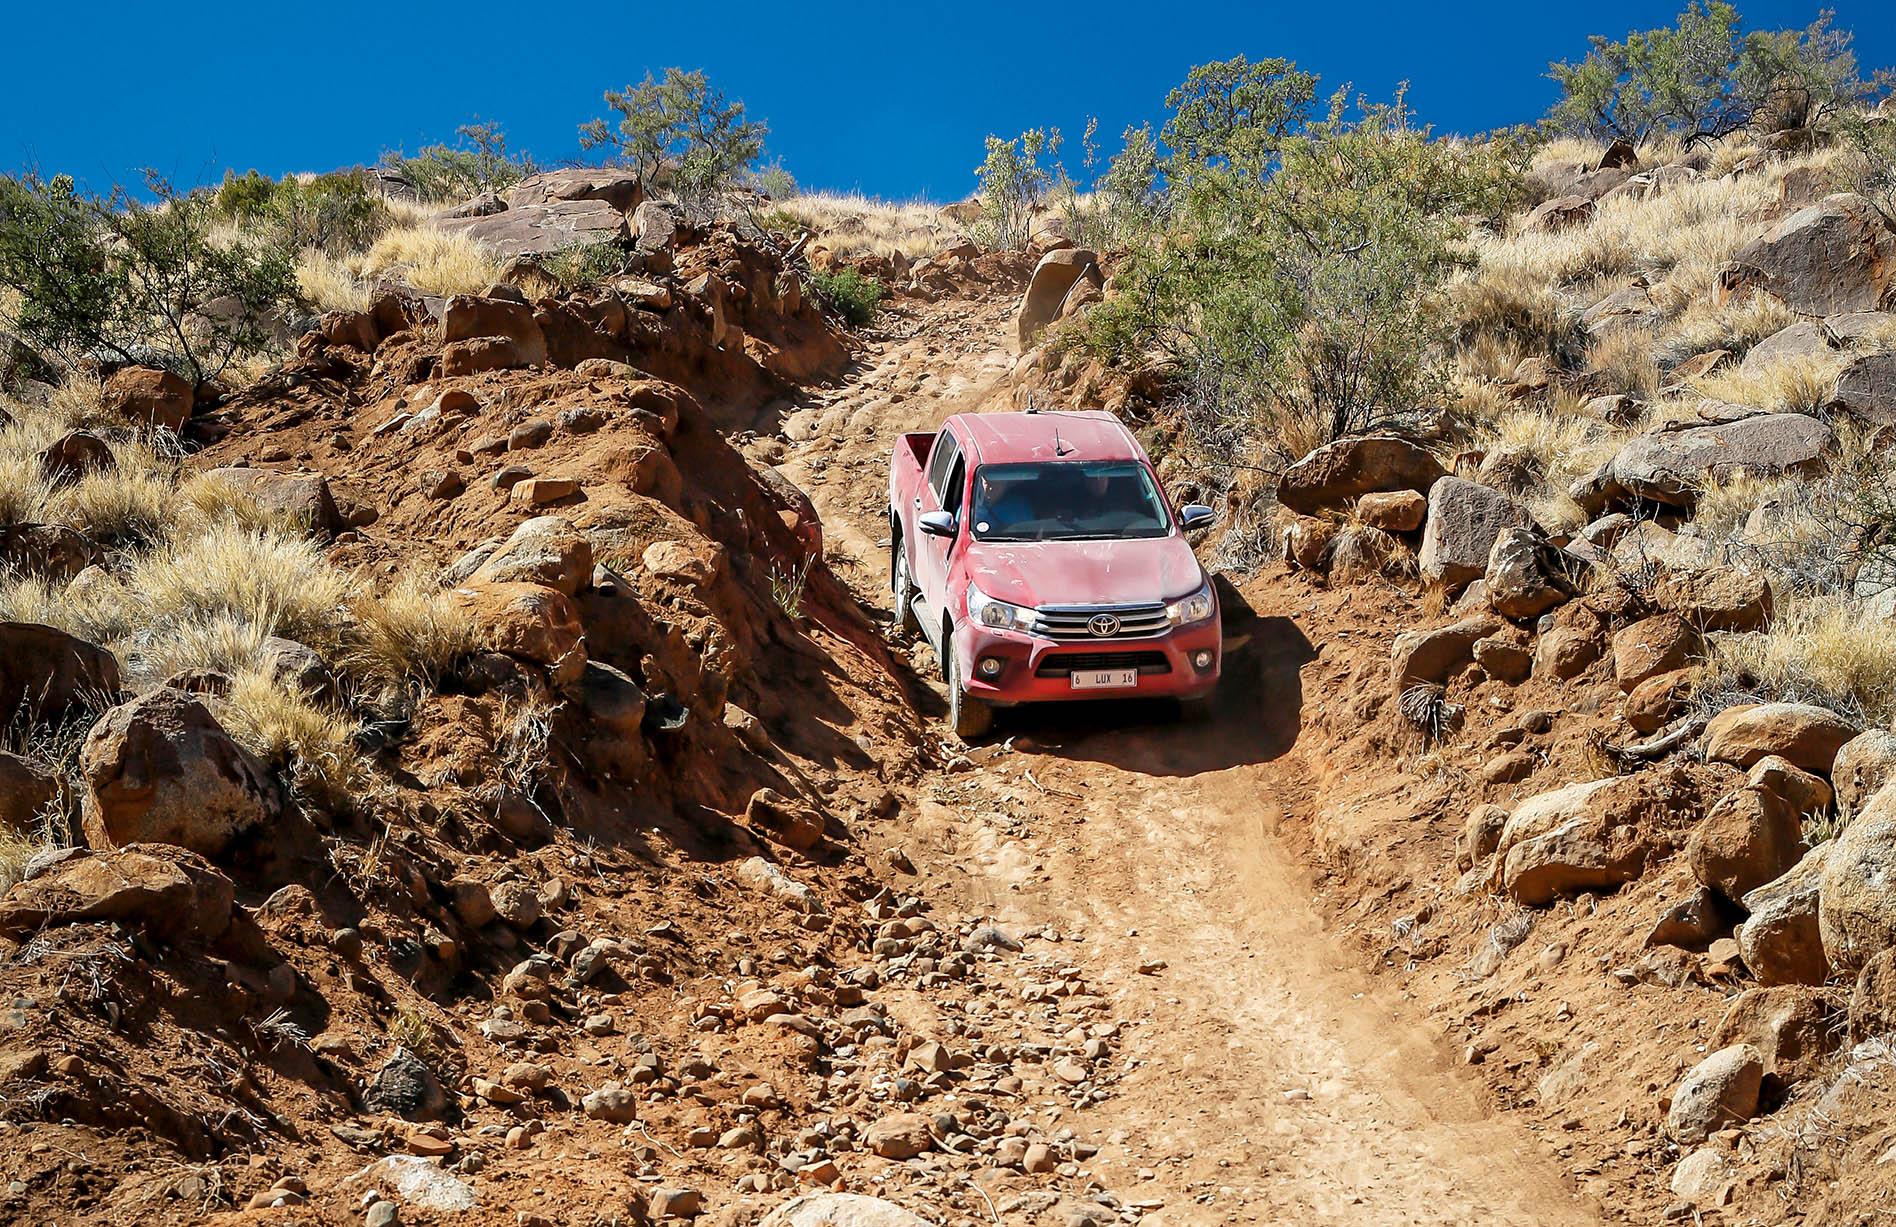 ...и прекрасно подходит для покорения экстремальных песчаных дюн Намибии